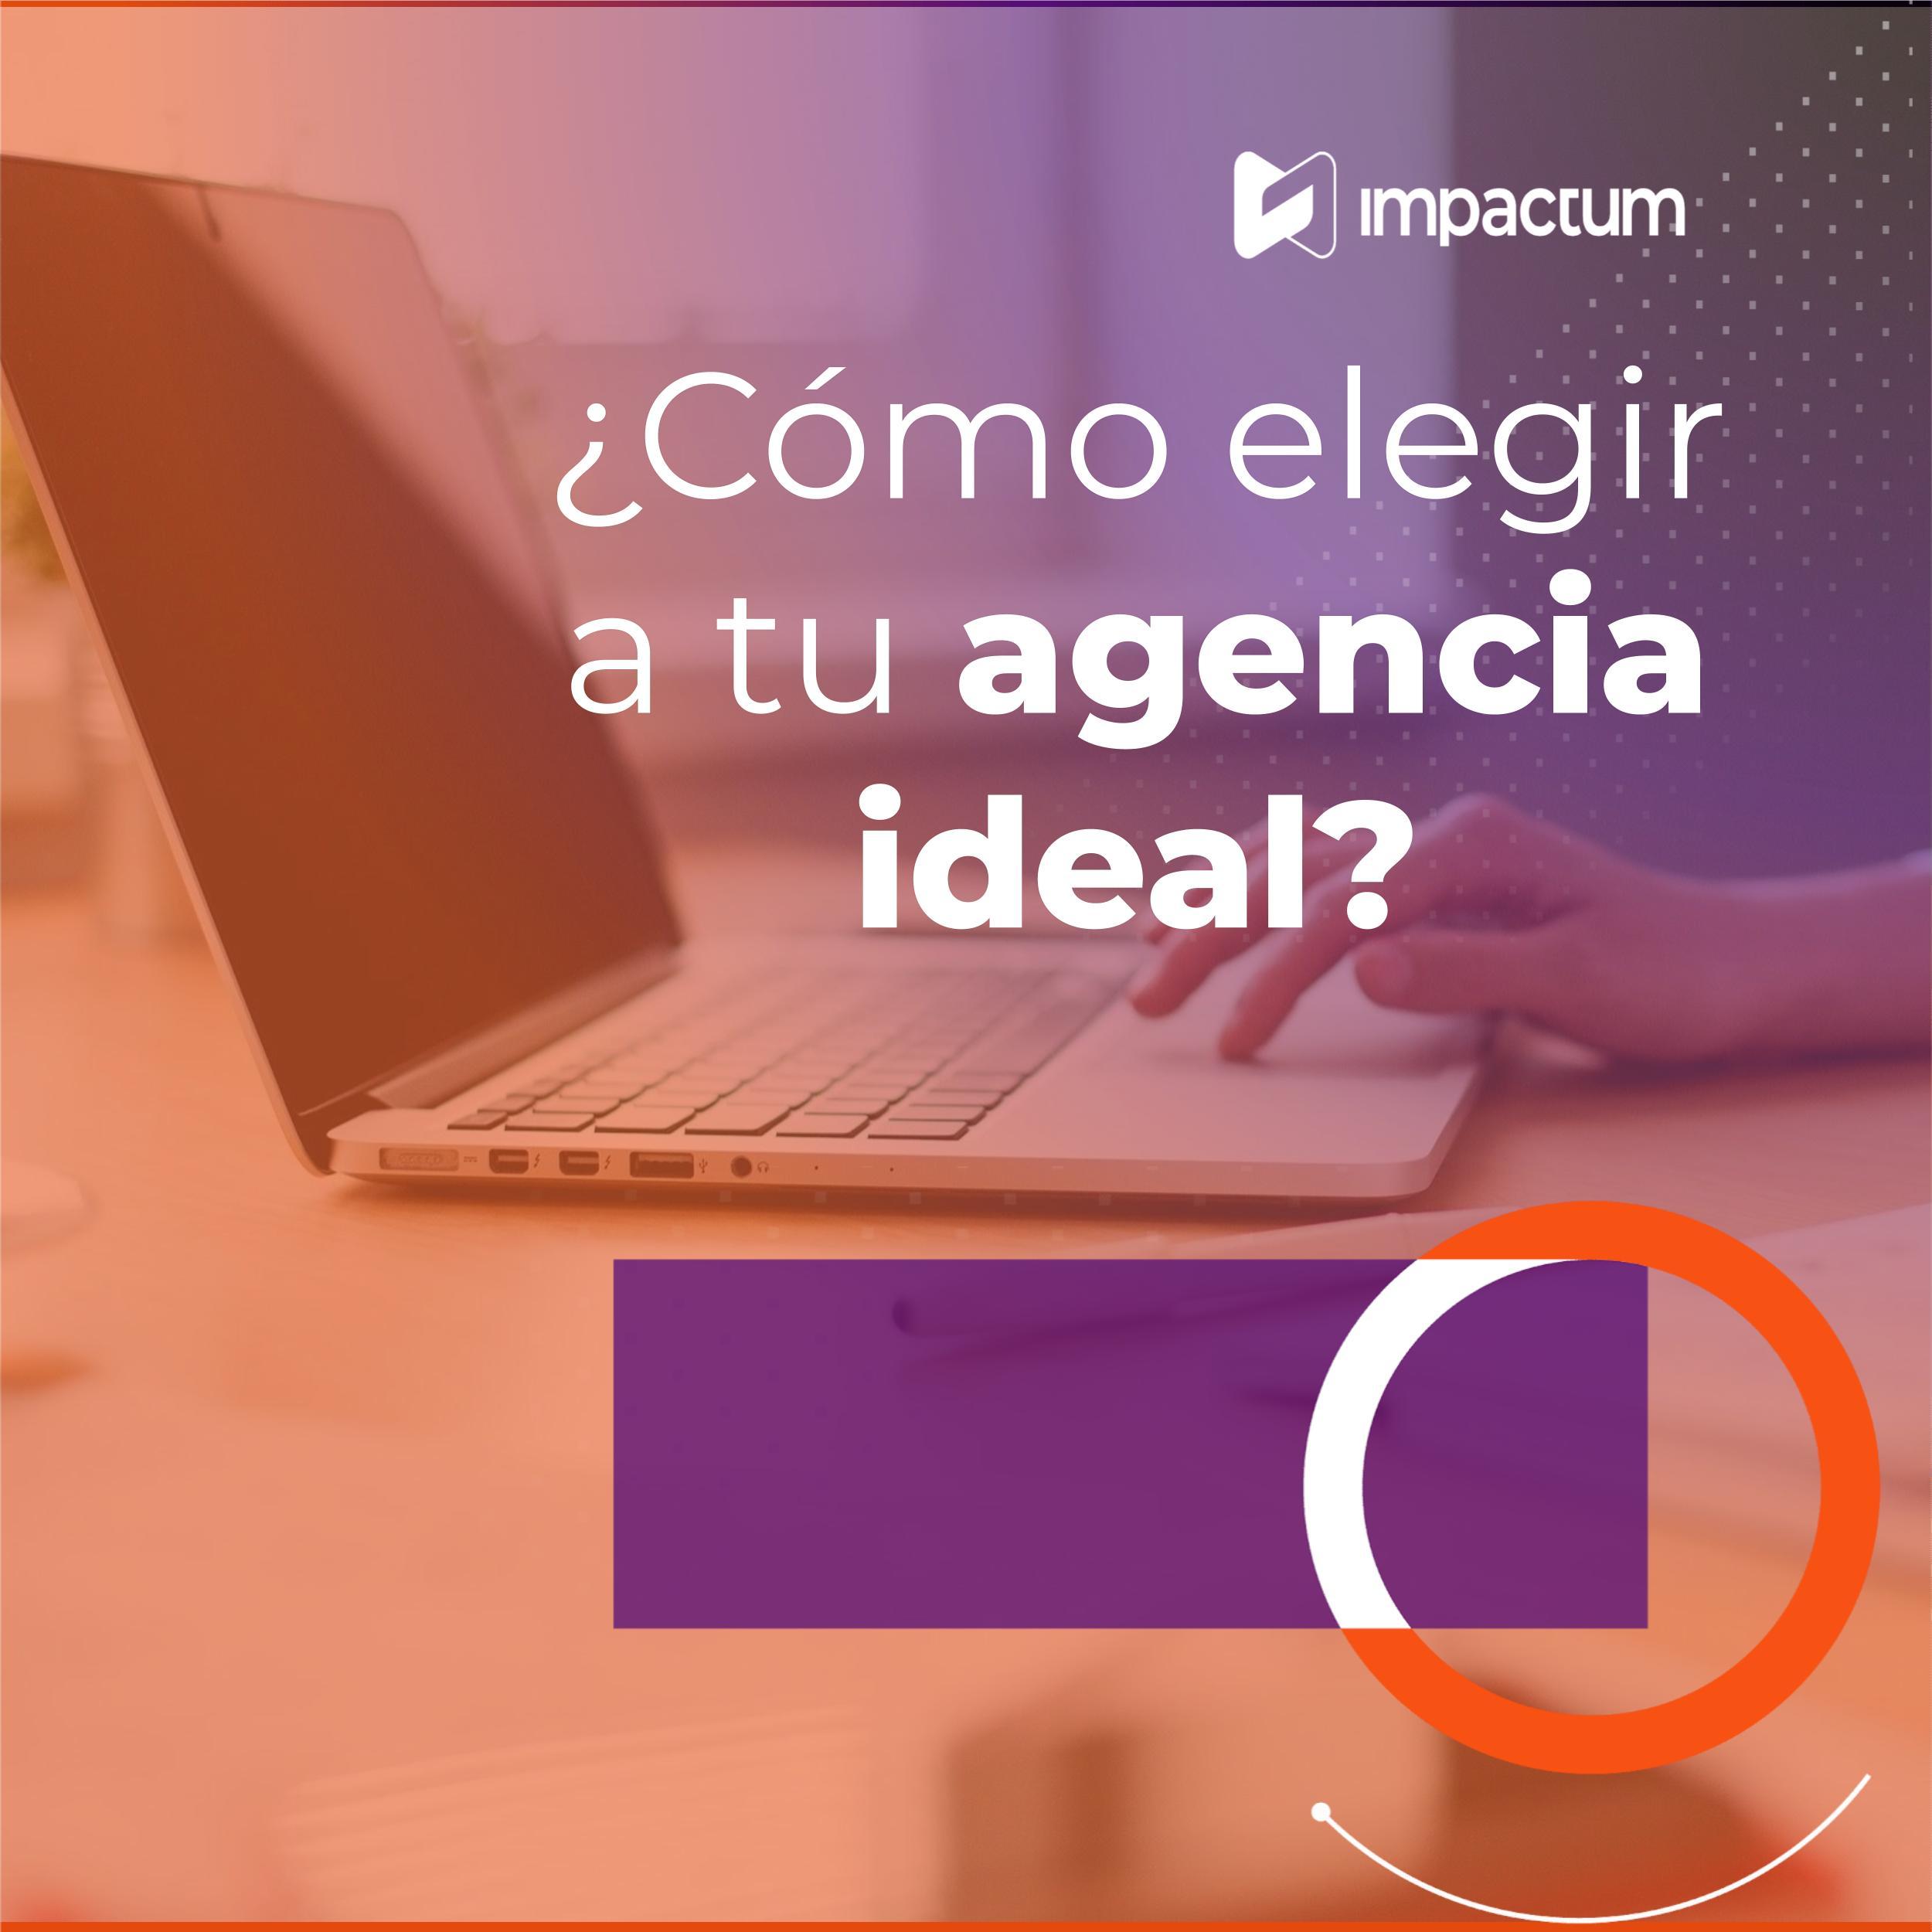 ¿Cómo elegir a tu agencia ideal?